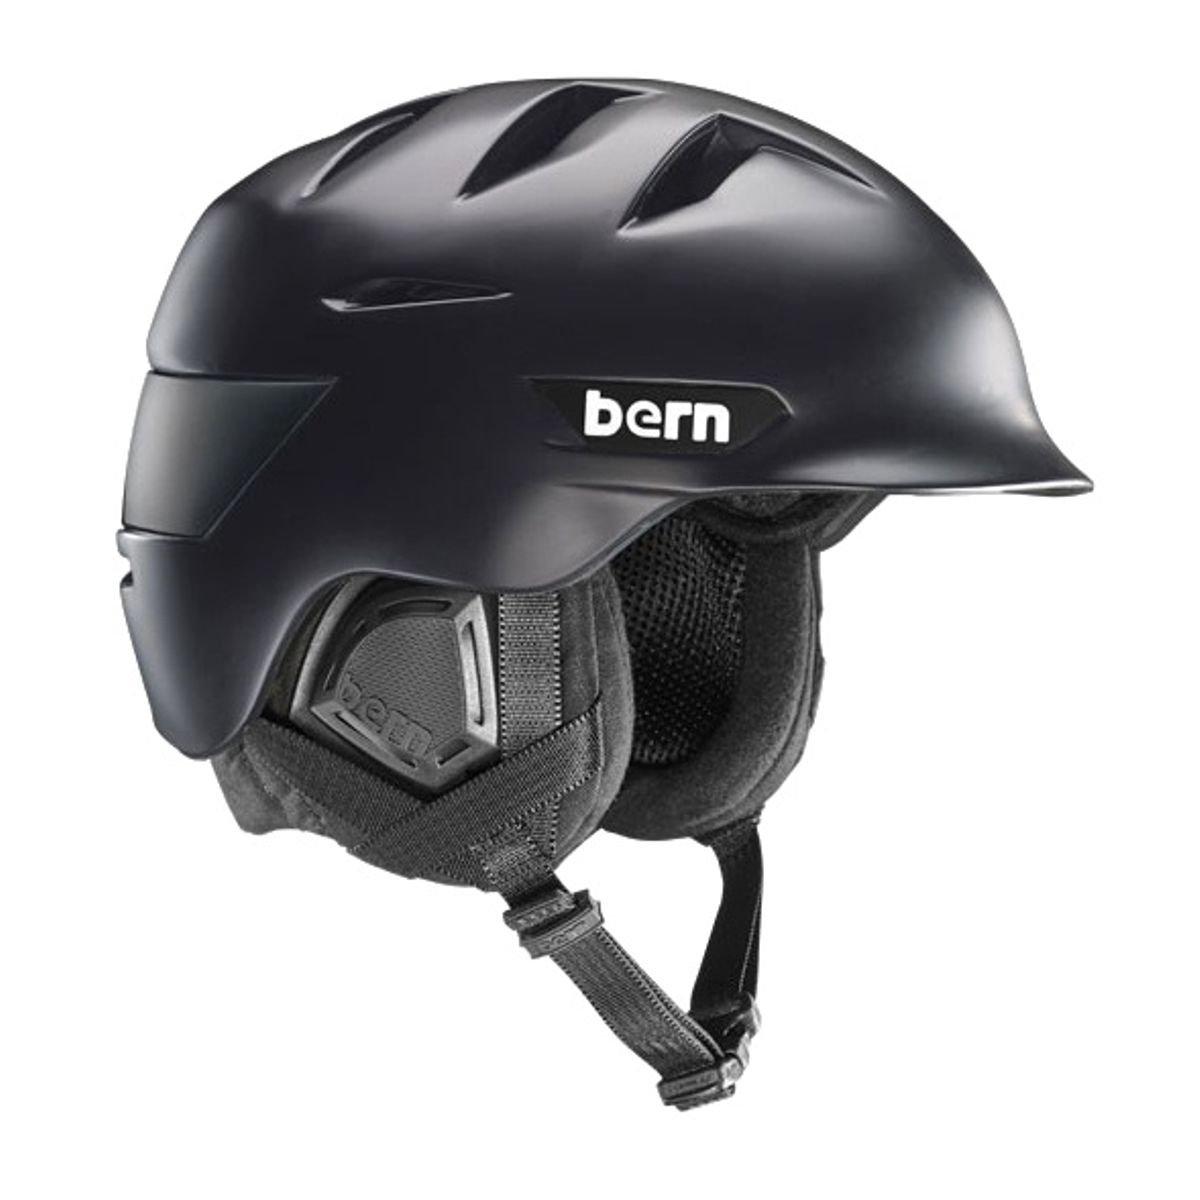 Bernヘルメット – BernヘルメットRollins – マットブラック B011QI10EY Xx Large/Xxx Large|ブラック ブラック Xx Large/Xxx Large